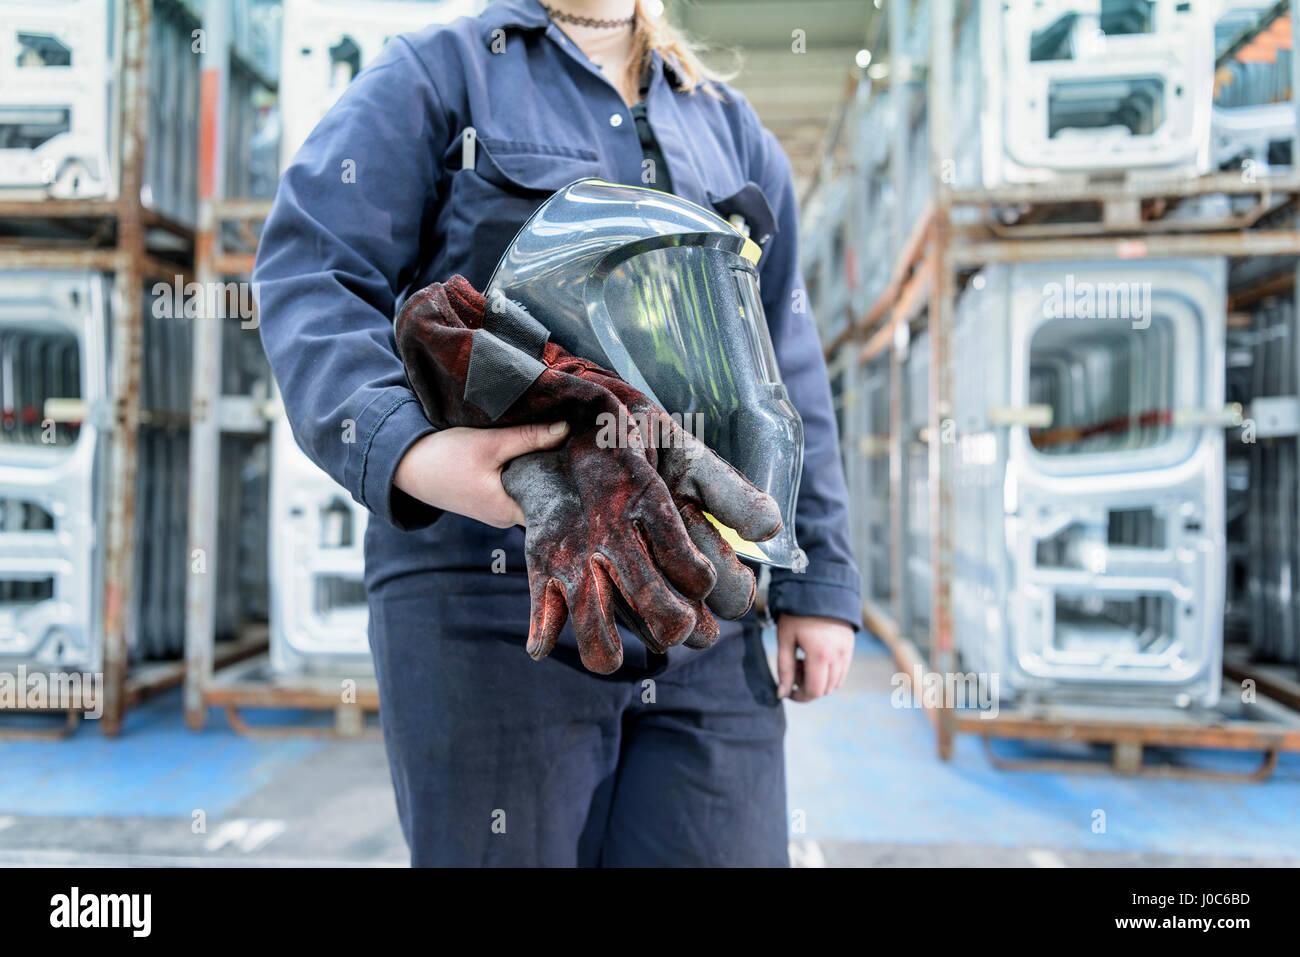 Weiblichen Lehrling Schweißer mit Ausrüstung in Autofabrik Stockbild